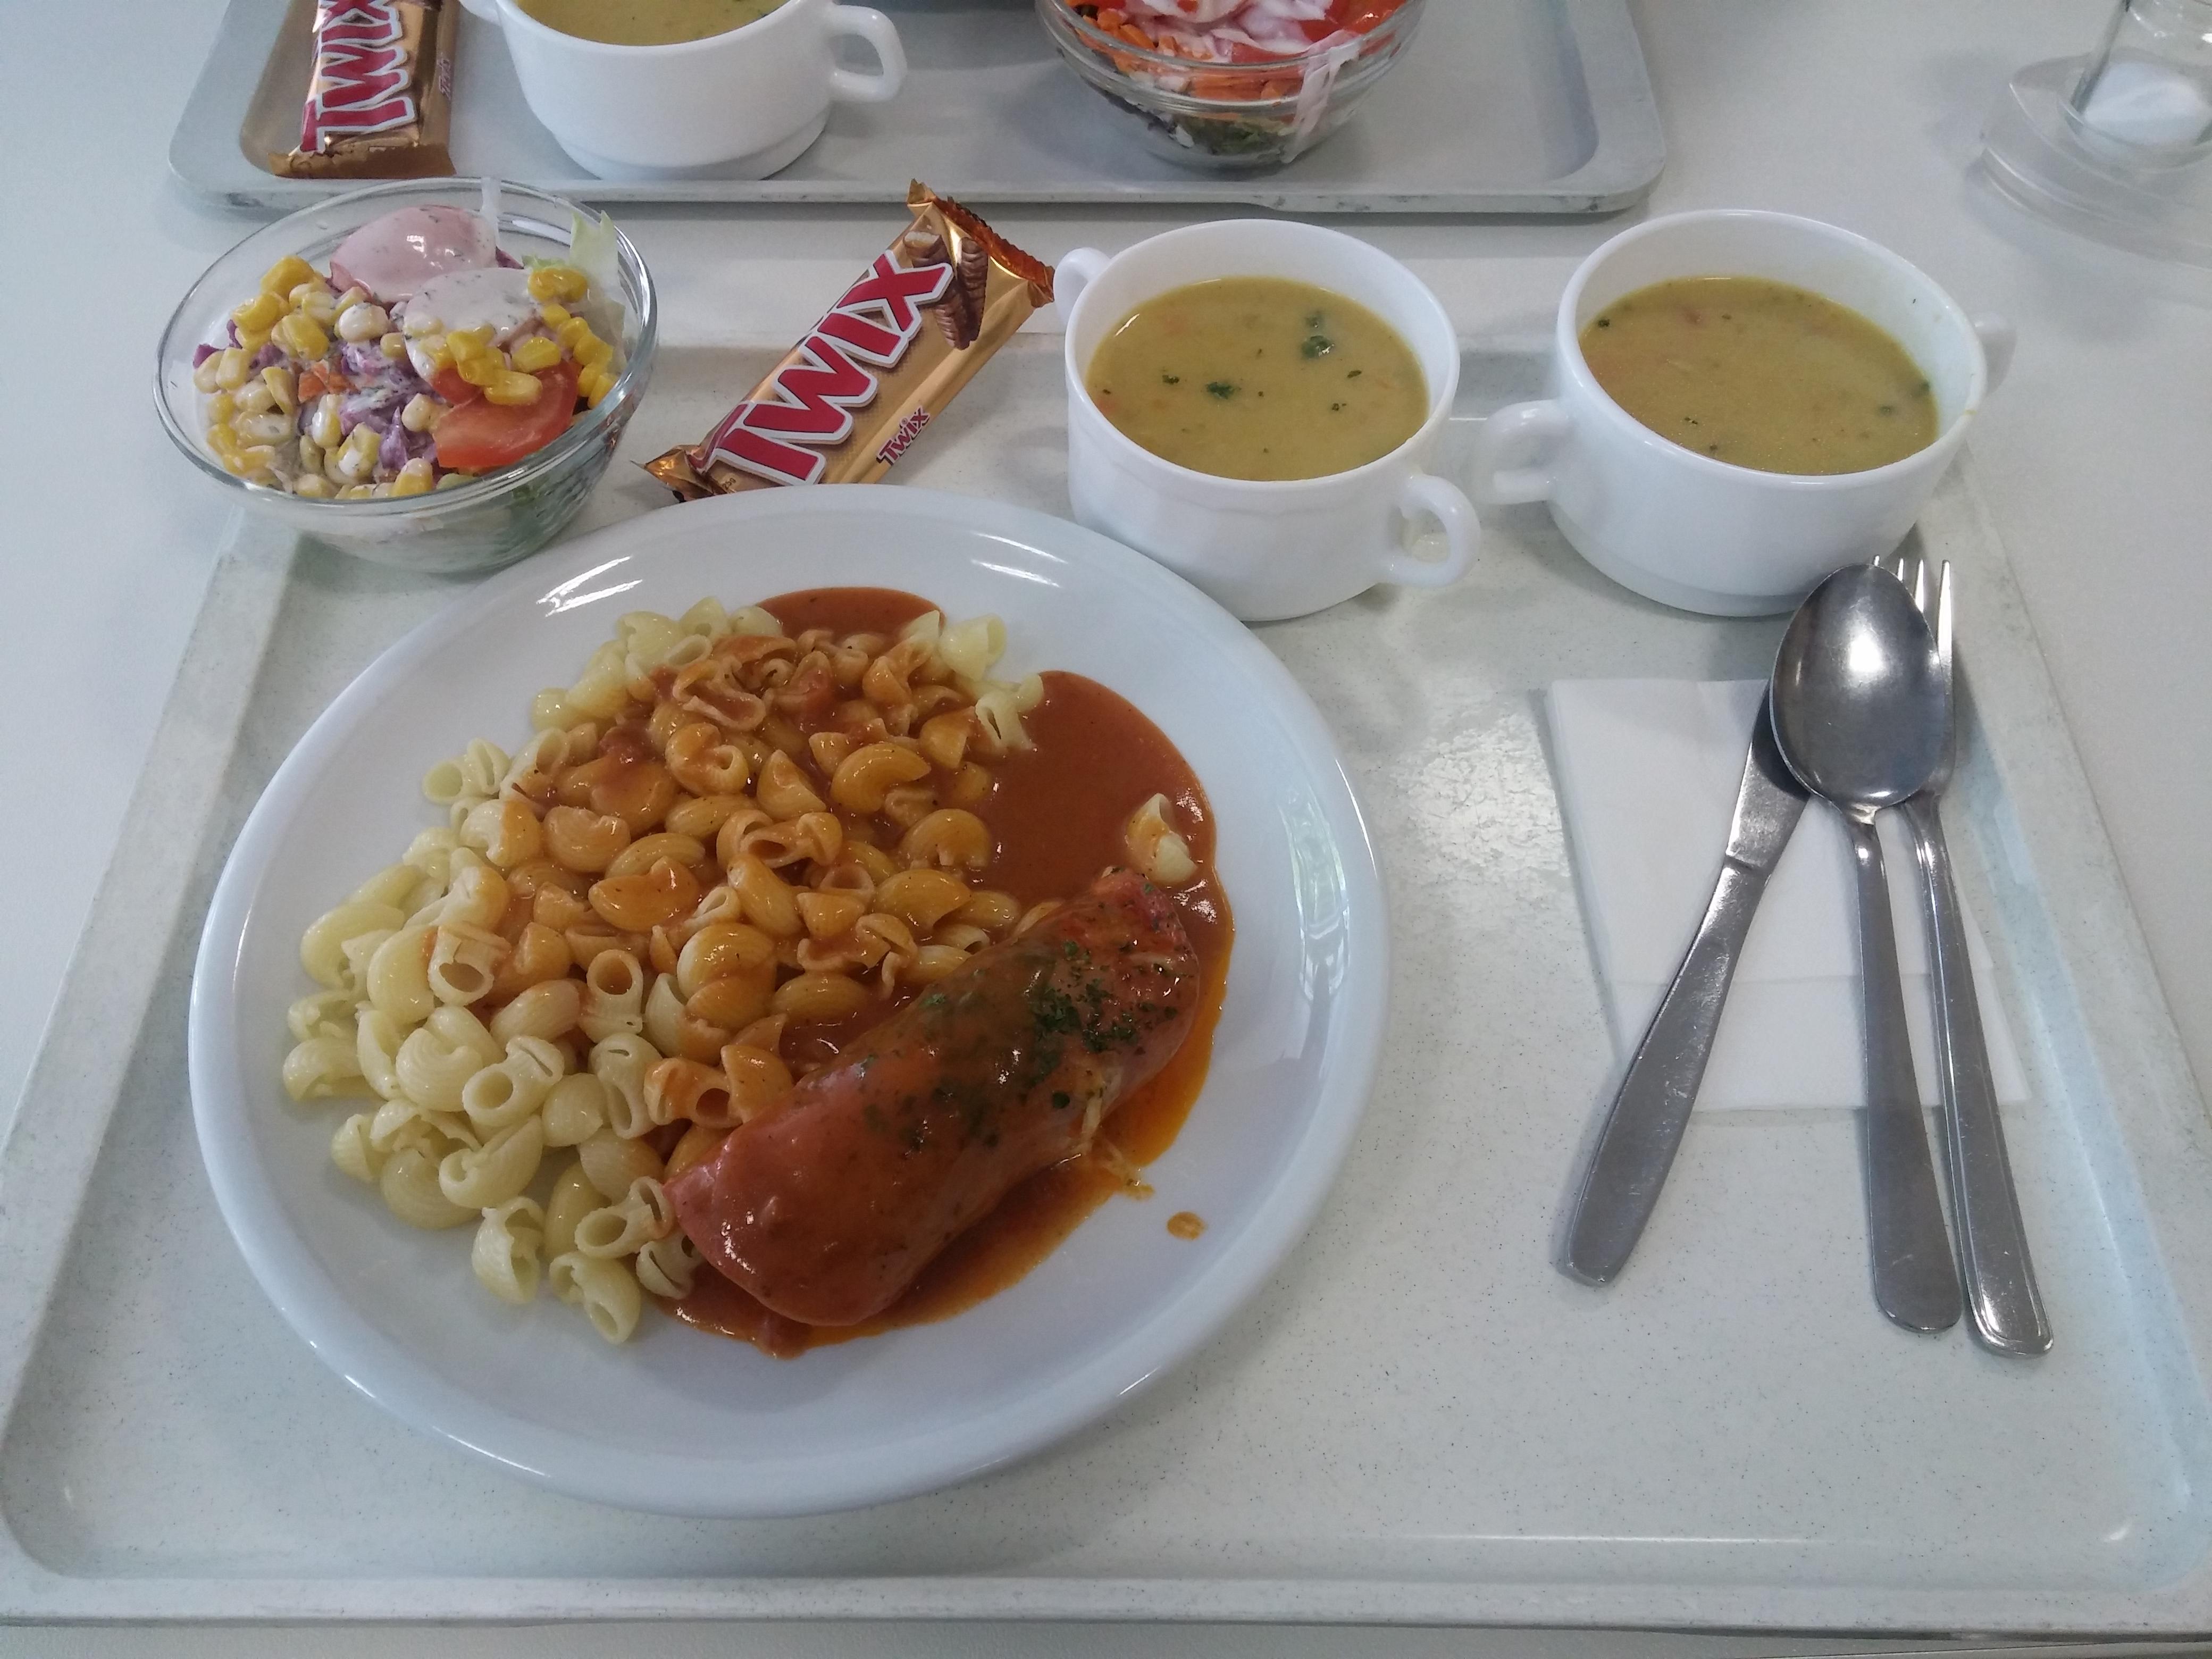 https://foodloader.net/nico_2015-08-27_fleischrolle-mit-nudeln-suppen-salat-und-nachtisch.jpg